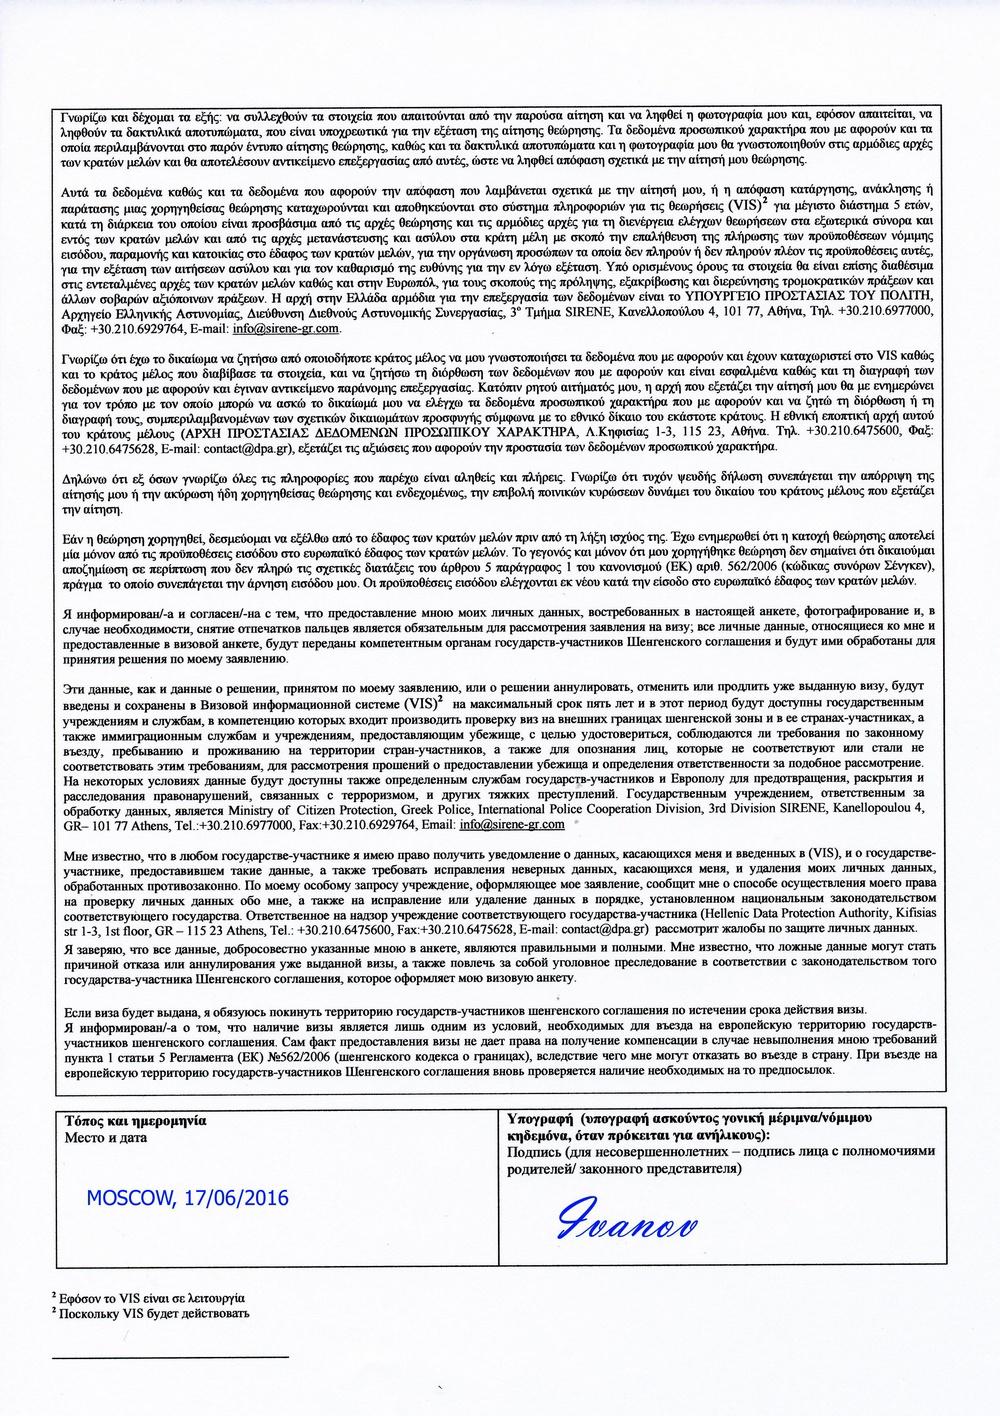 Образец анкеты на визу в Грецию, стр. 4